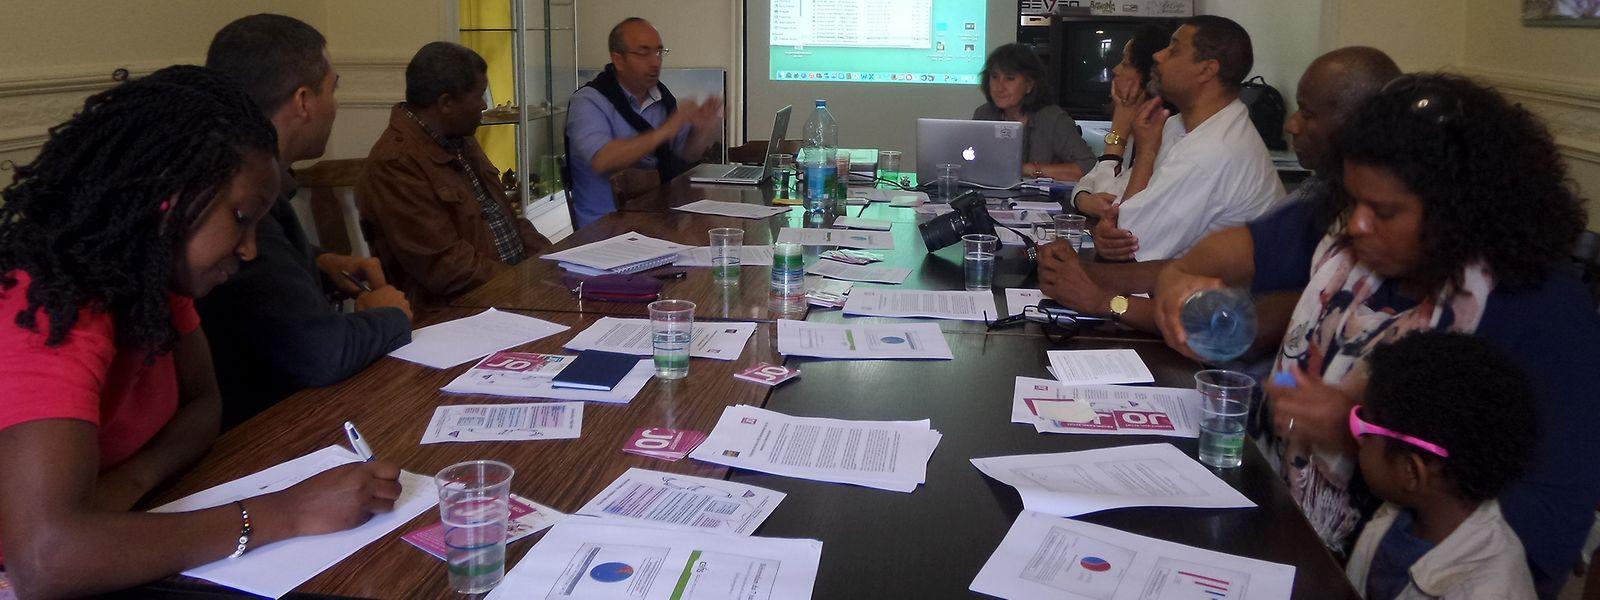 Sérgio Ferreira e Laura Zucolli, da ASTI, estiveram à conversa com Clara Delgado, da Embaixada de Cabo Verde, dirigentes associativos e e alguns membros da comunidade cabo-verdiana